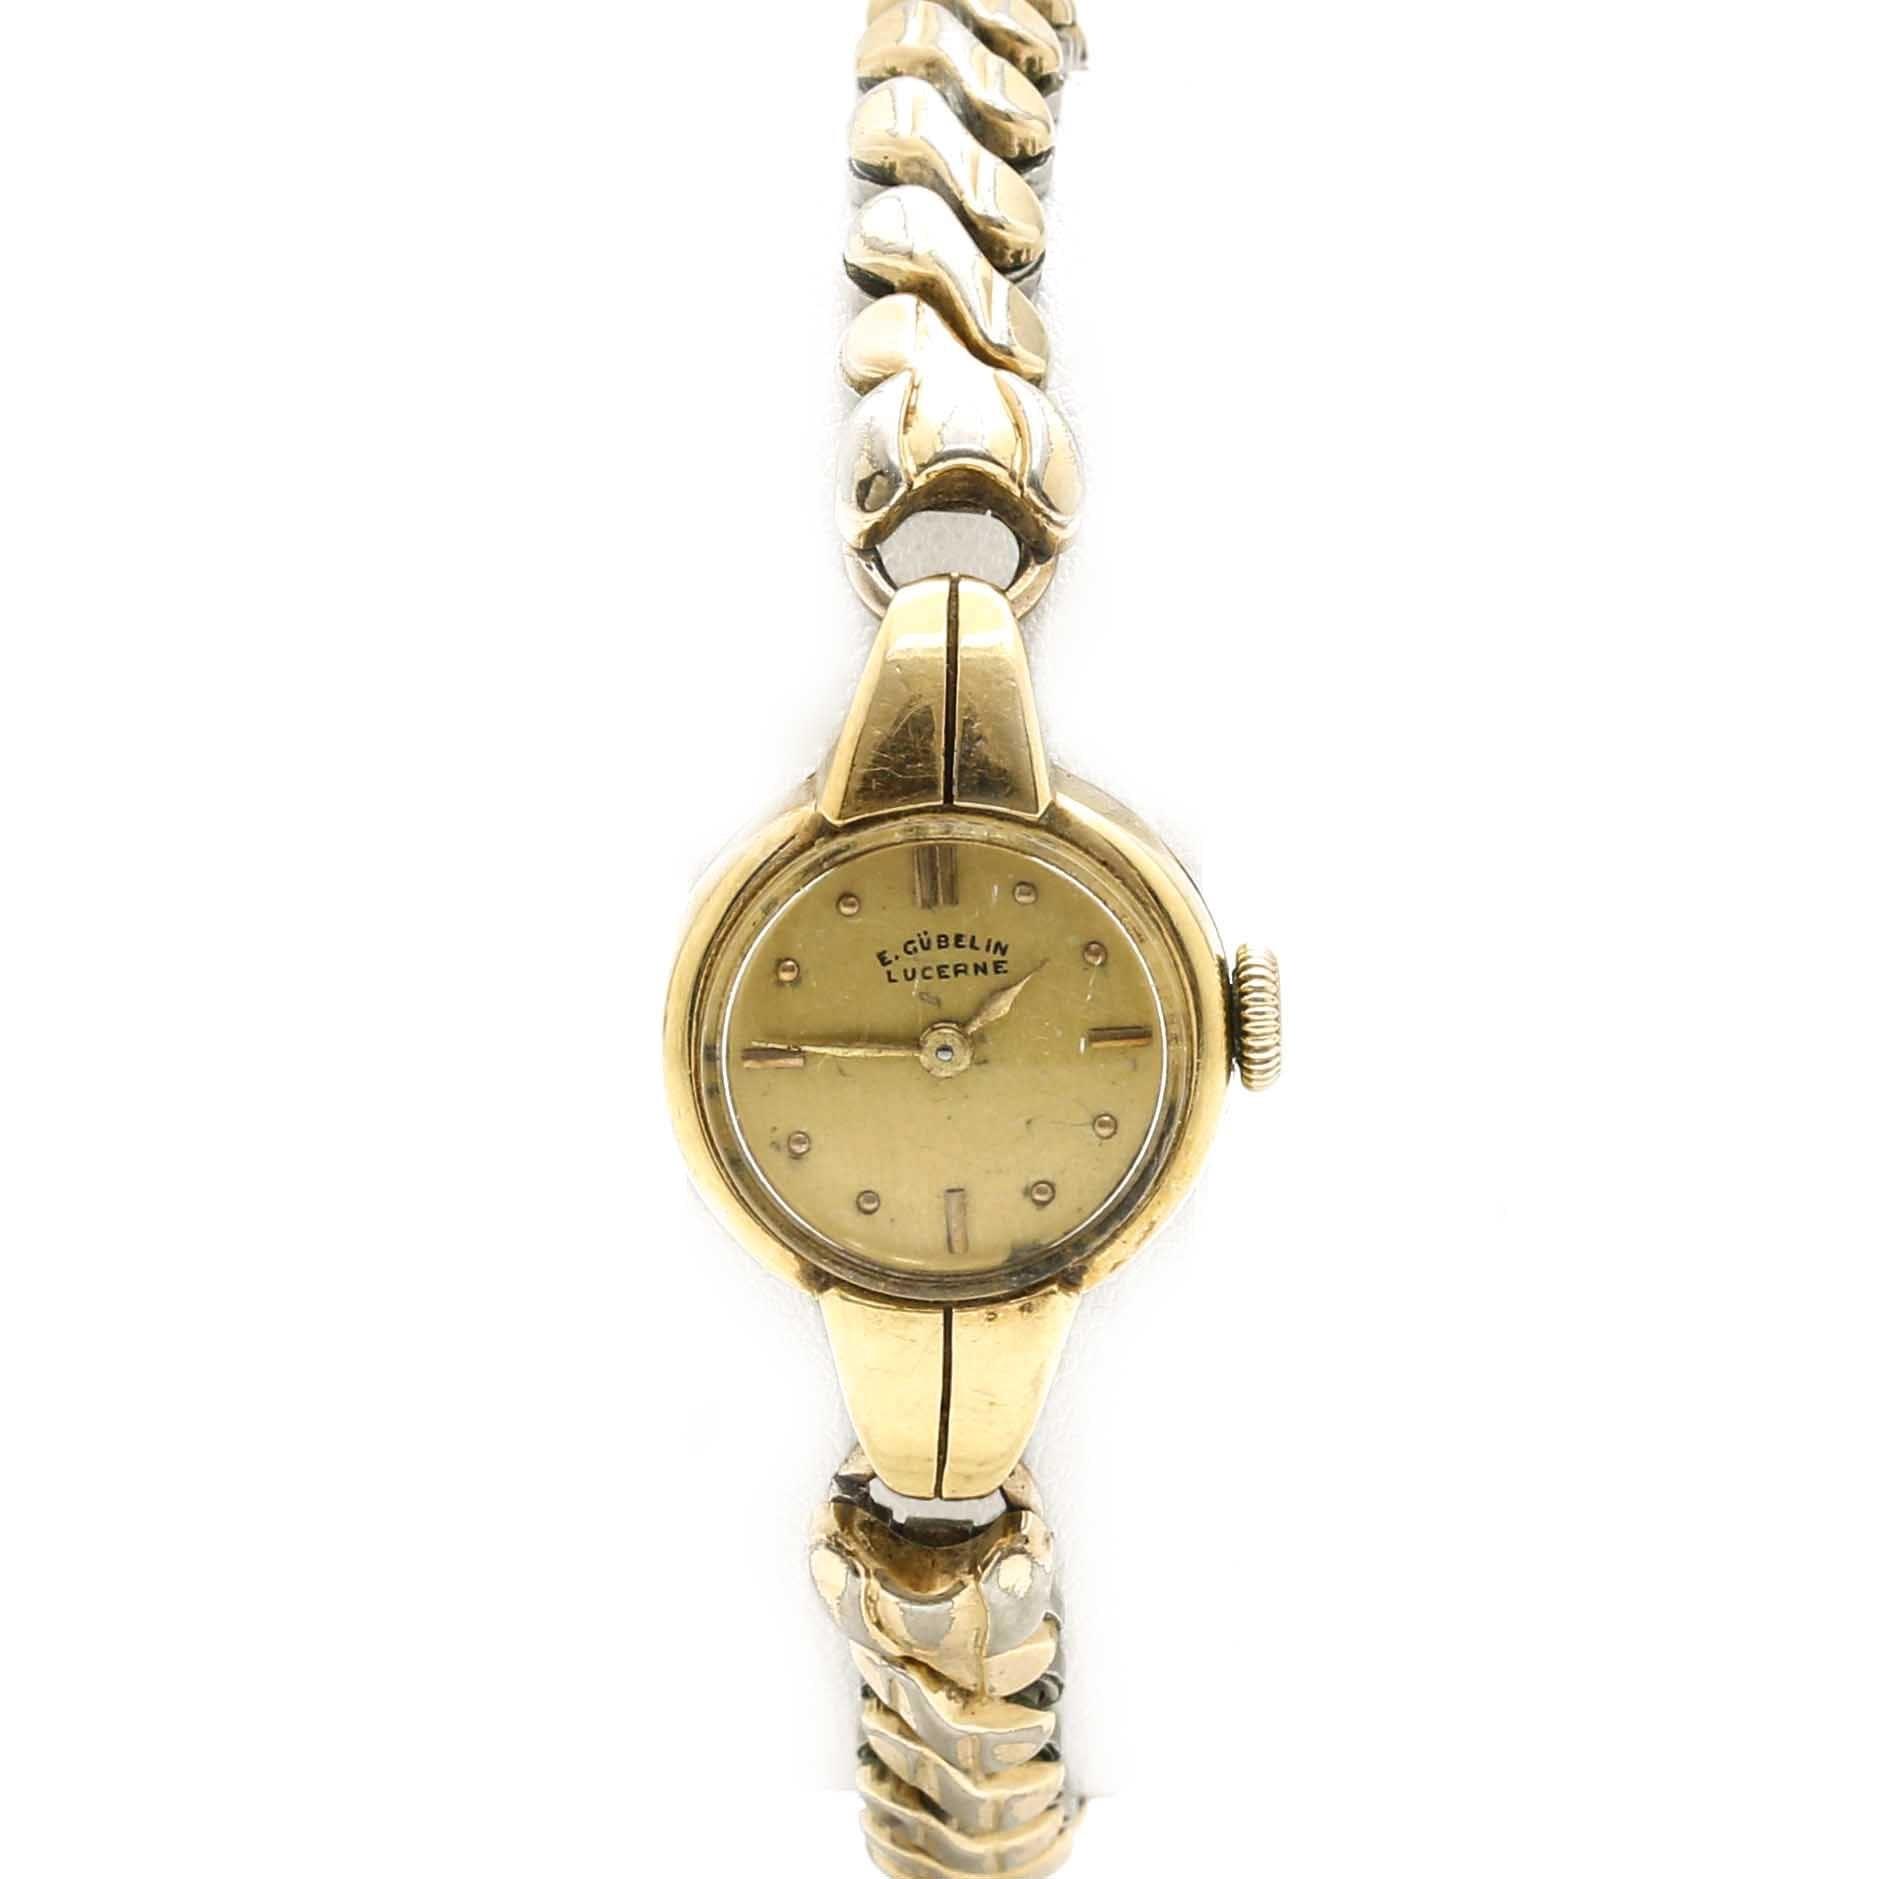 18K Yellow Gold E. Gübelin Lucerne Wristwatch